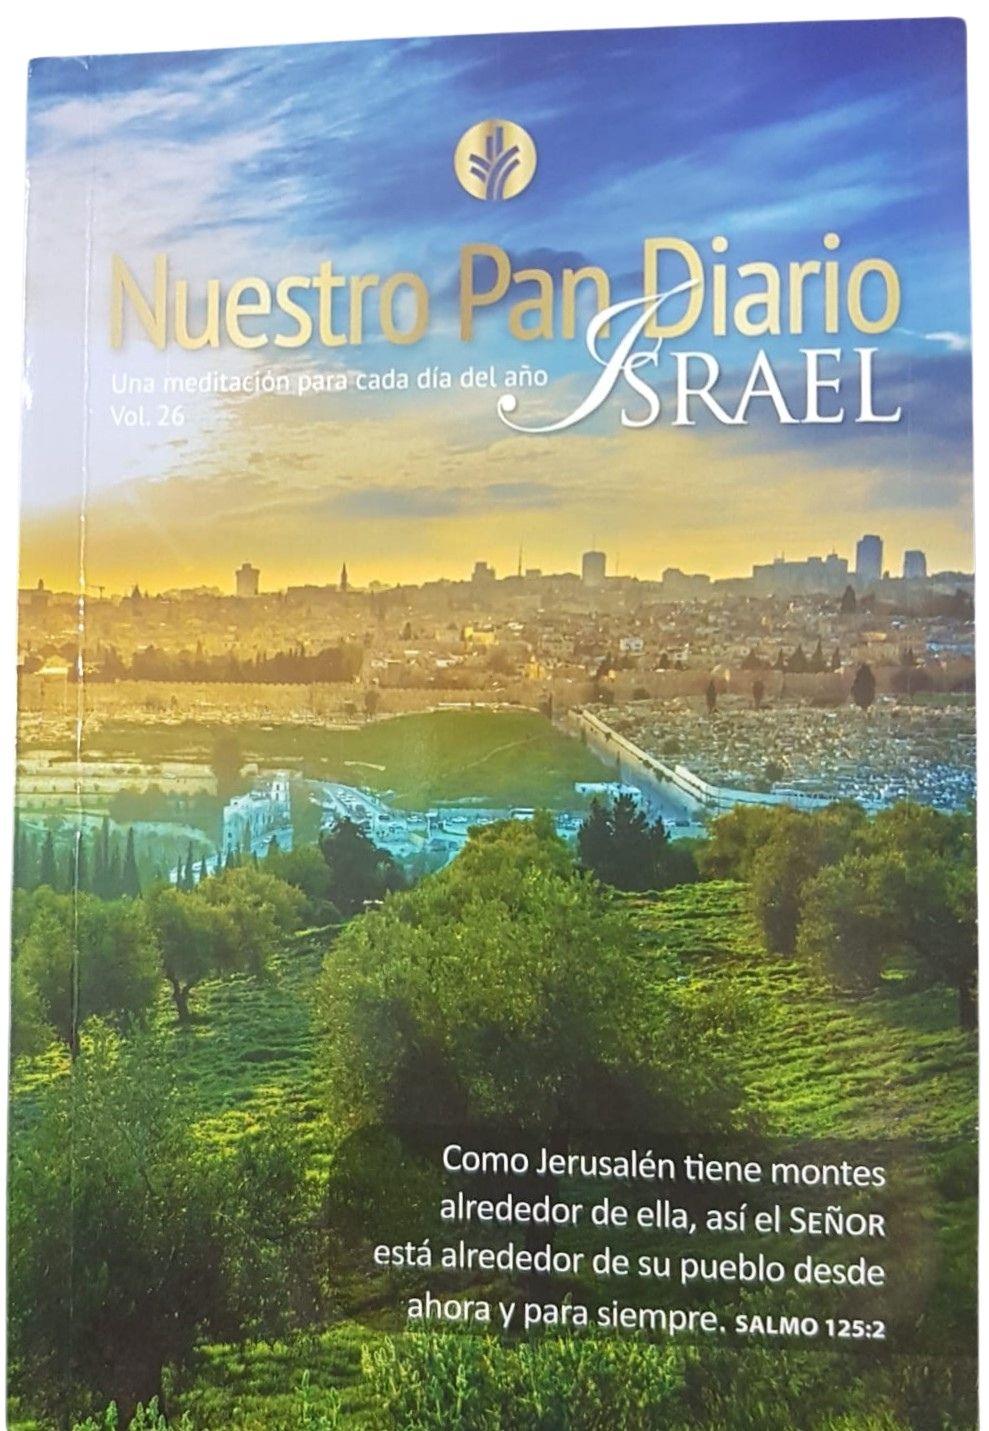 Nuestro Pan Diario Vol 26 Israel